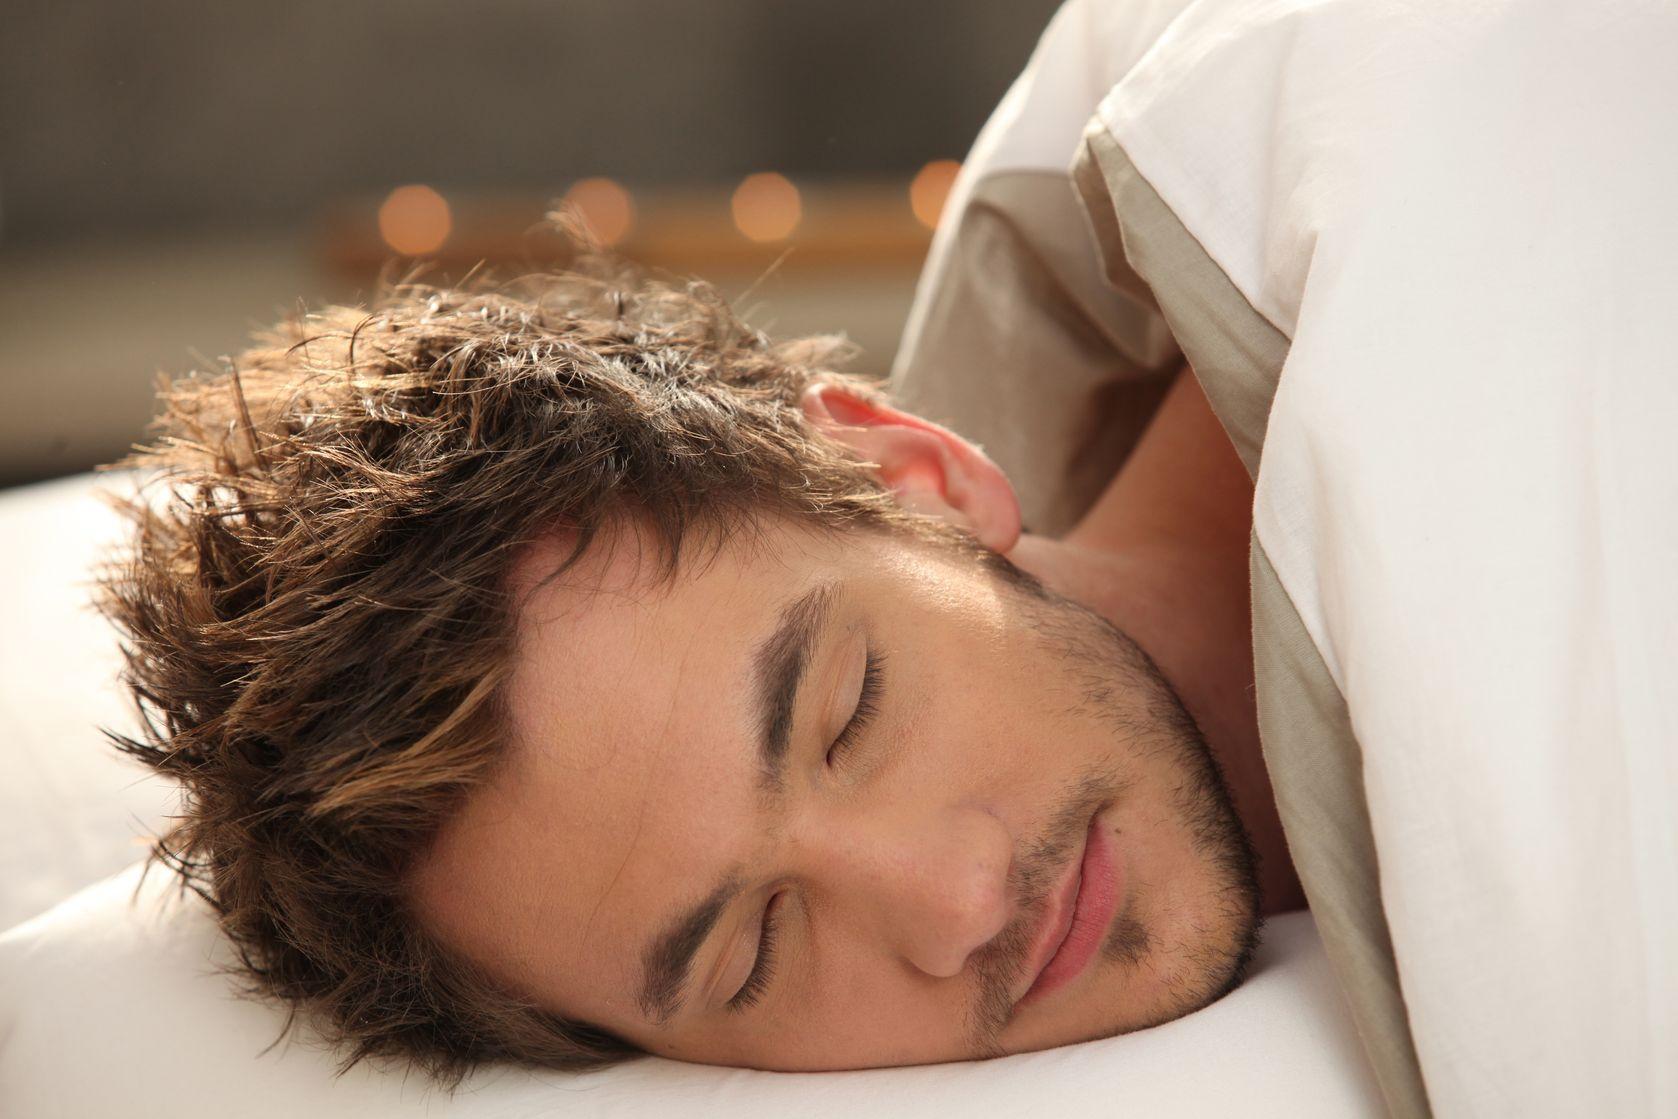 Спящую красивую в постели 19 фотография